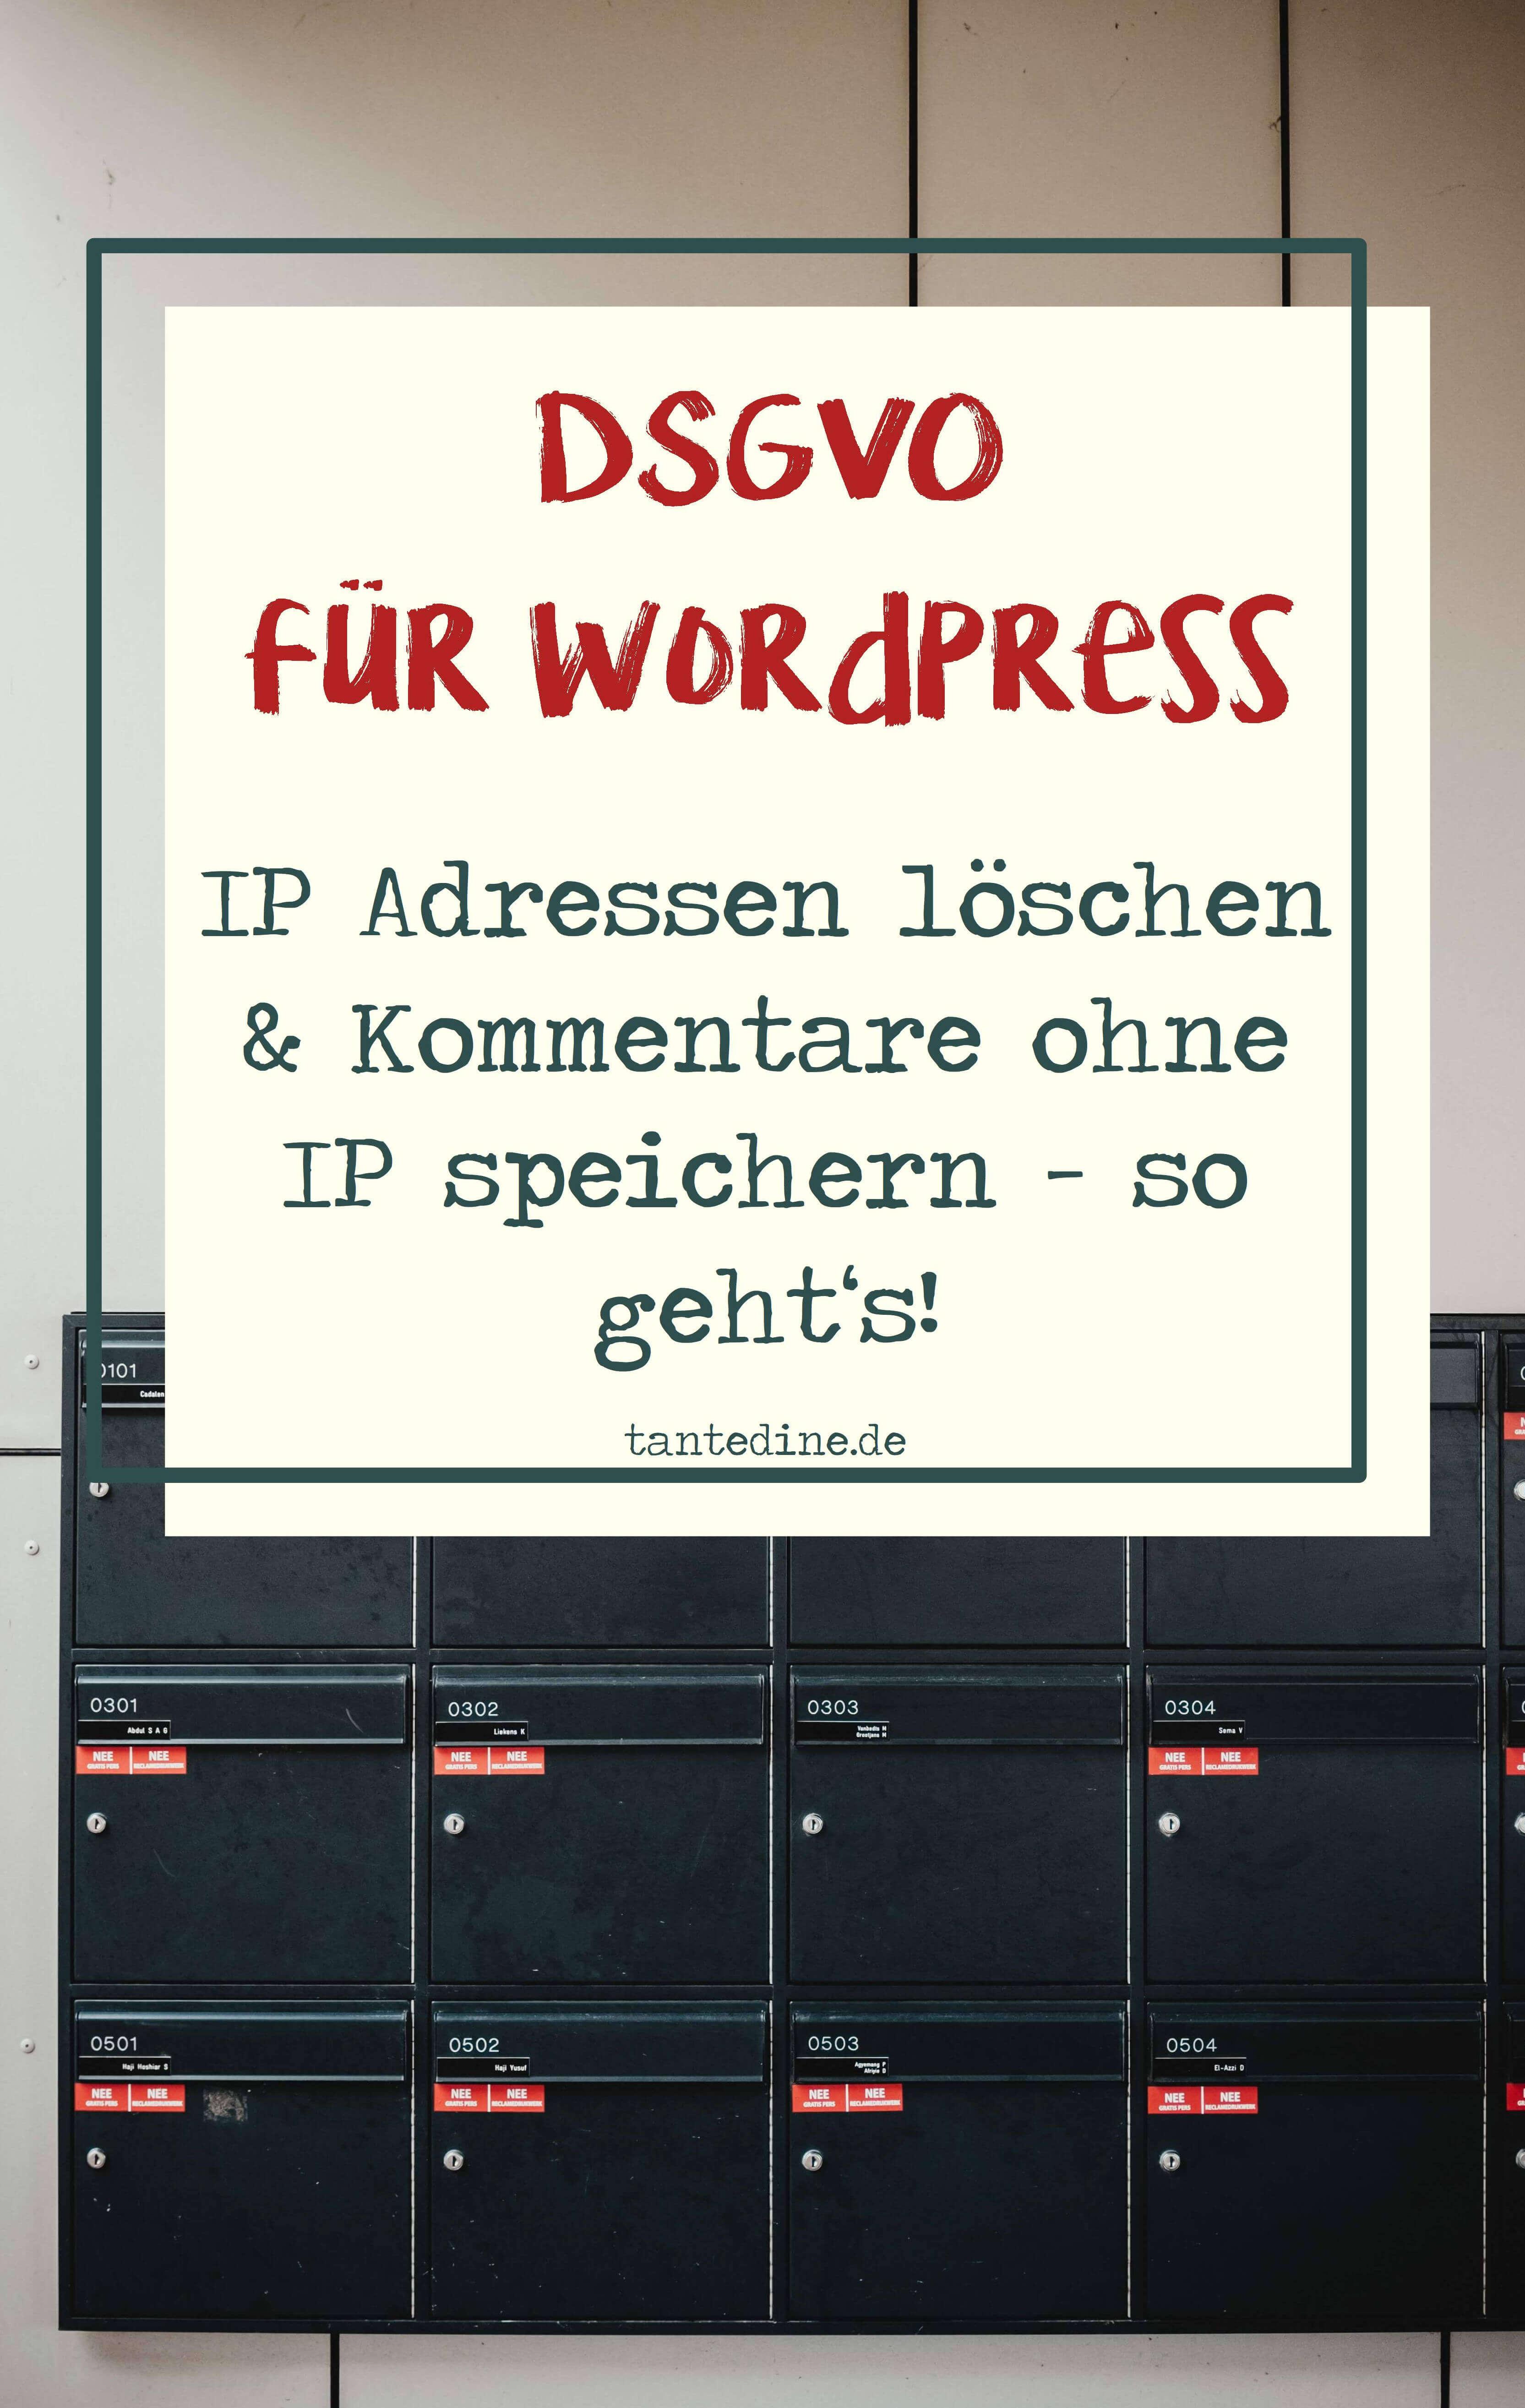 Anleitung DSGVO WordPress IP Adressen löschen und Kommentare ohne IP speichern tantedine